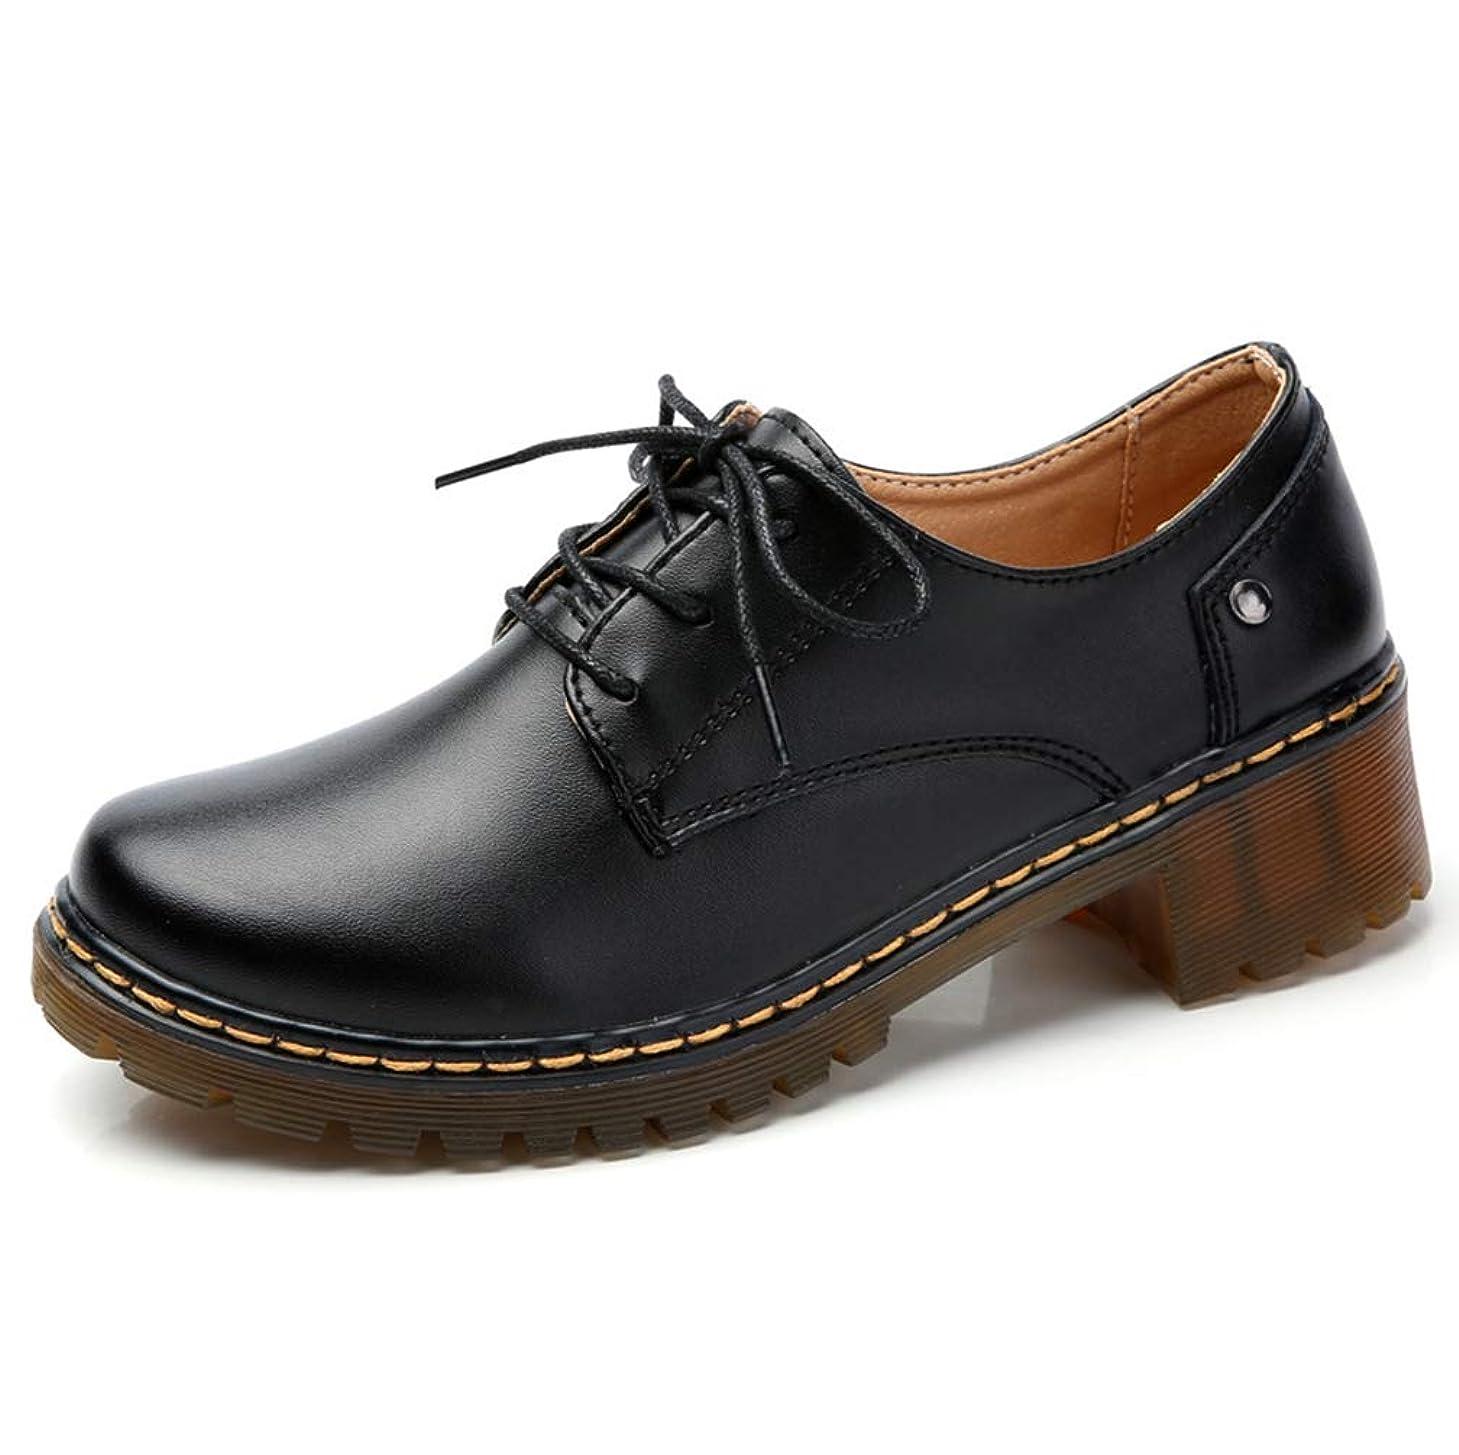 キャベツ細分化するアリ[THLD] レースアップシューズ レディース オックスフォード エナメル 大人 ローファー 疲れない パンプス レッド ブラック ローヒール パンプス ショートブーツ 痛くない 黒 赤 歩きやすい 旅行 かわいい レディース靴 袴 ブーツ